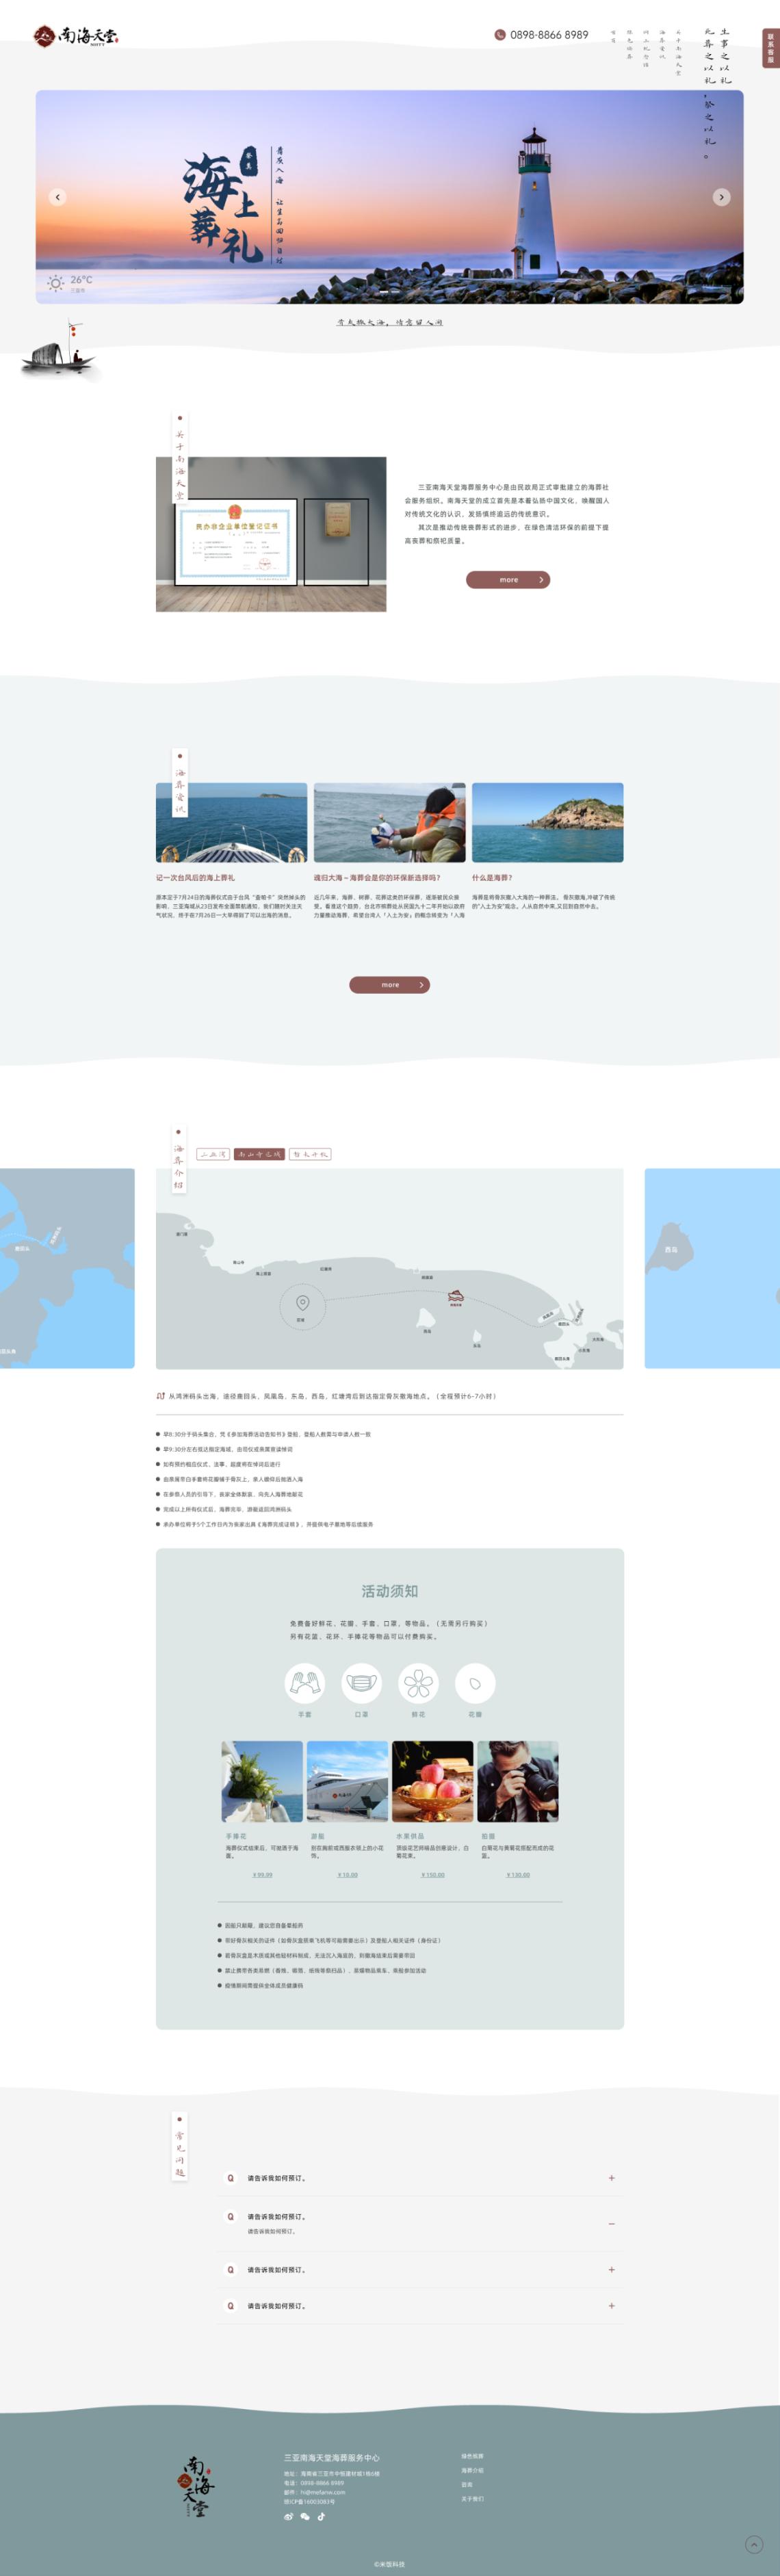 南海天堂海葬服务中心官网改版